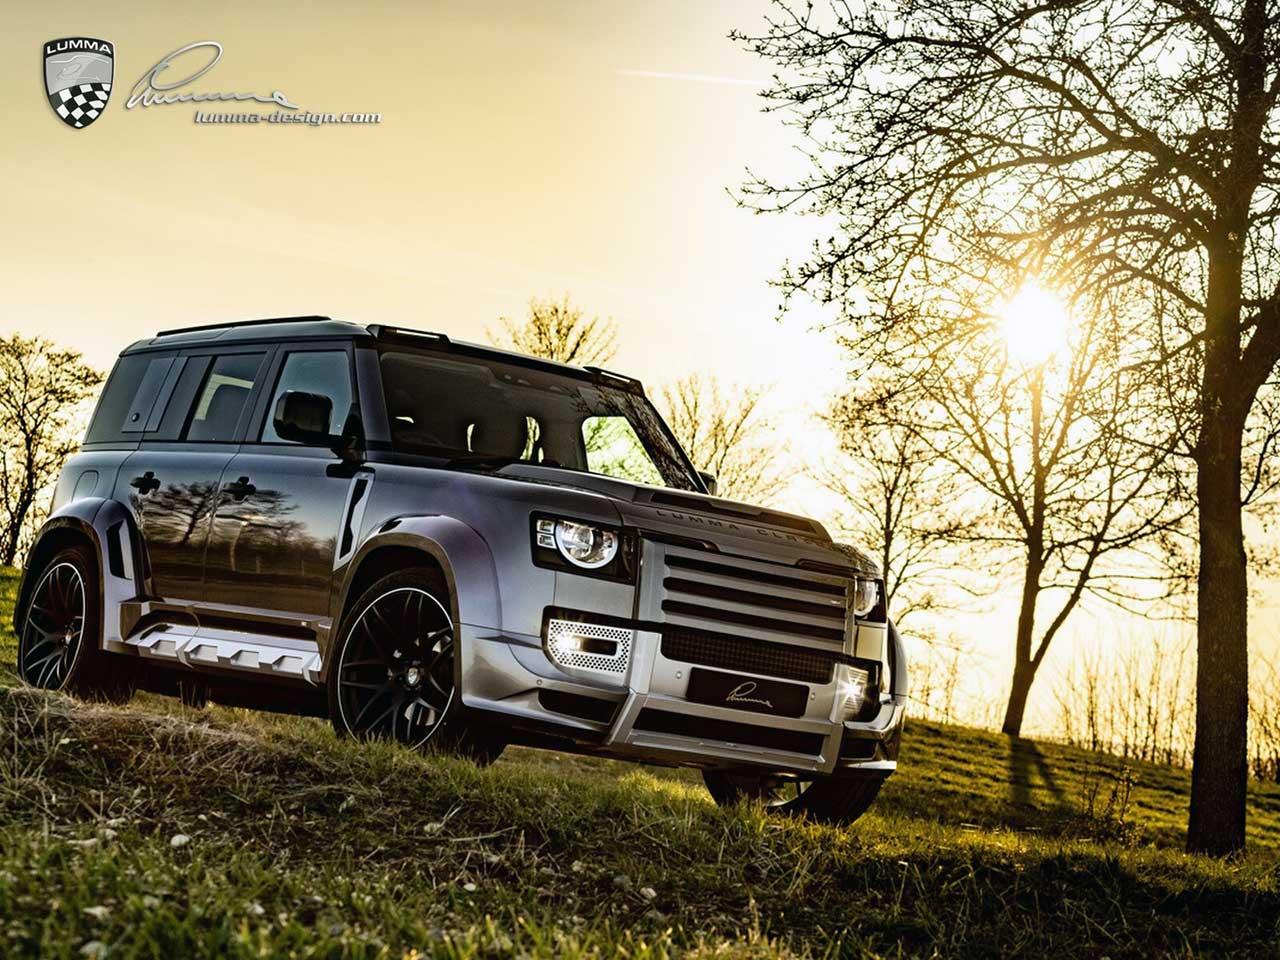 Land Rover Defender (L663)